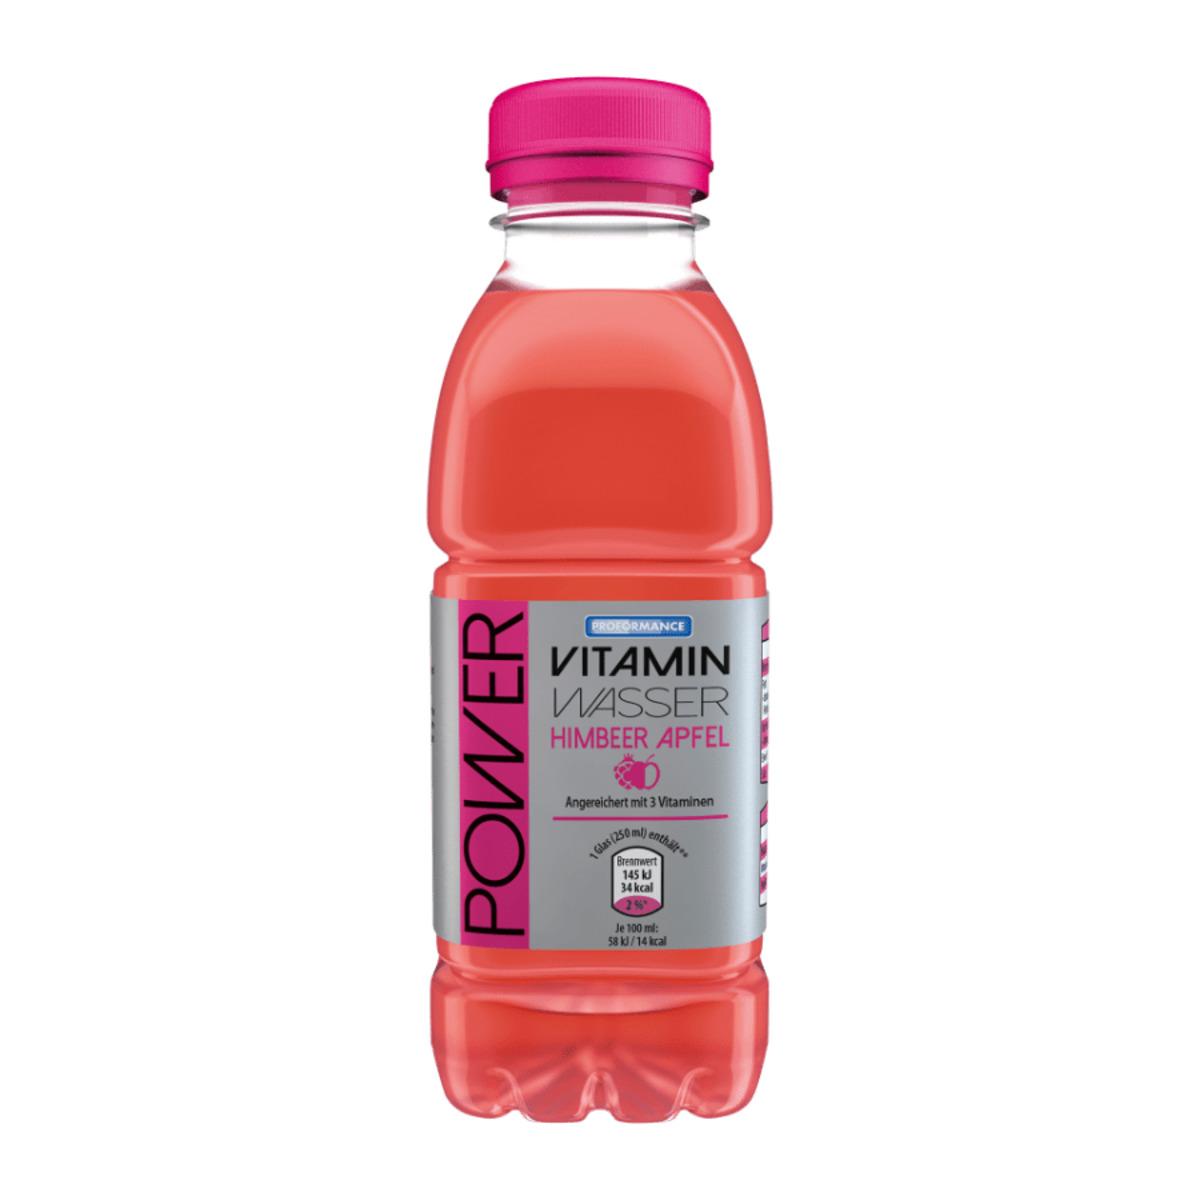 Bild 4 von PROFORMANCE     Vitamin Wasser